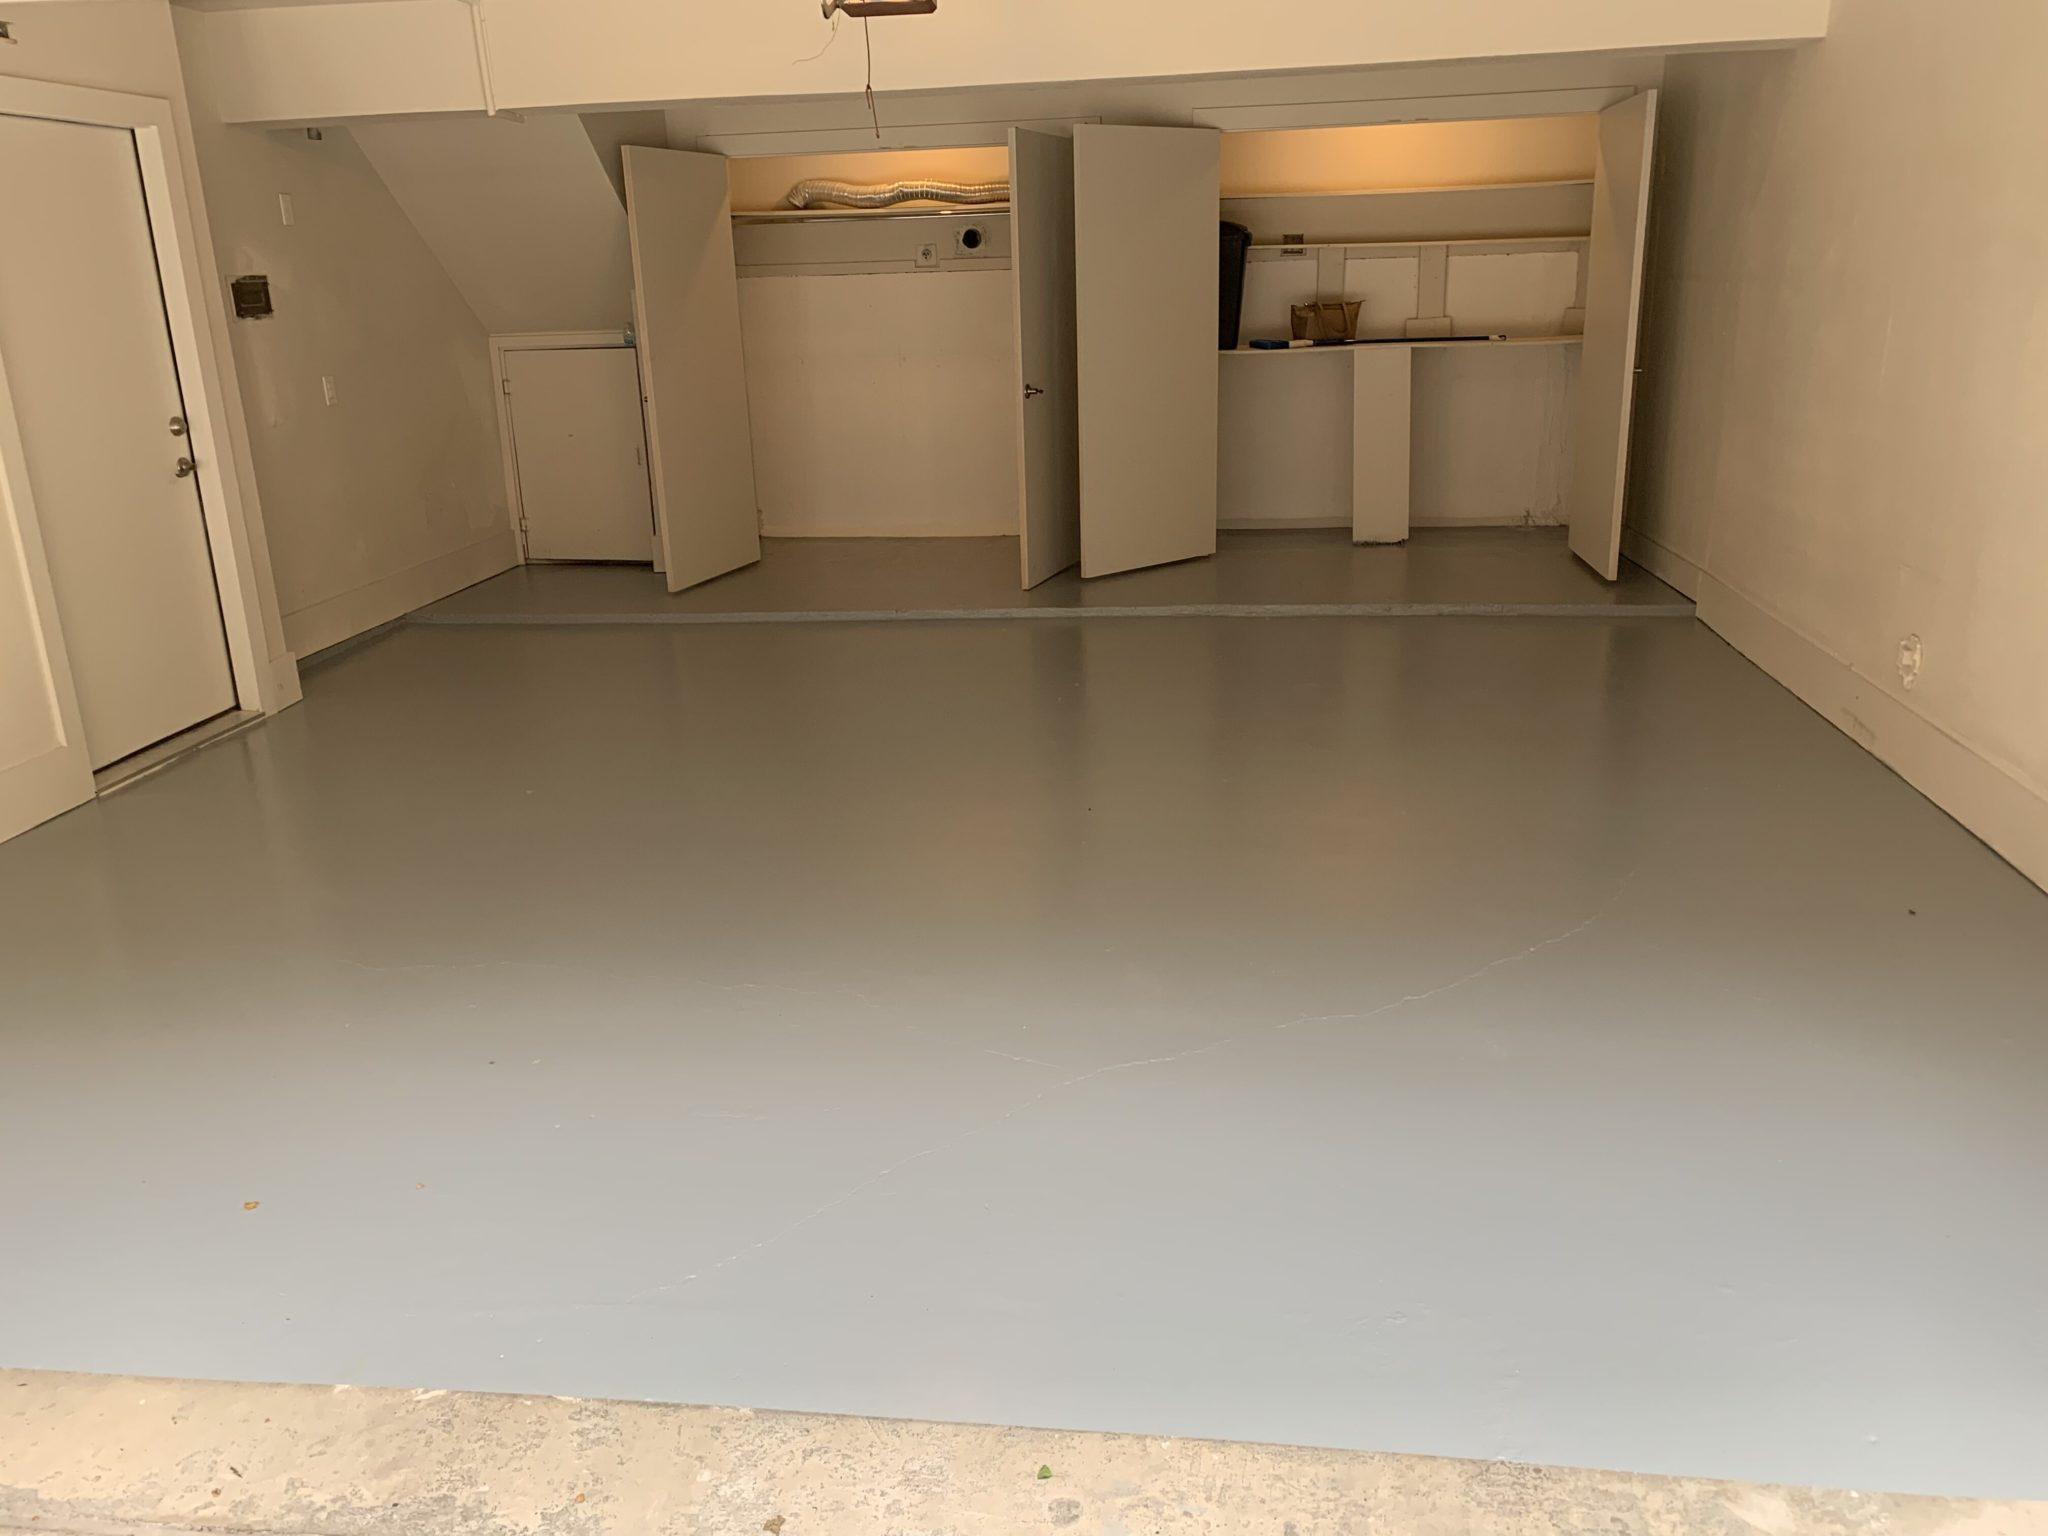 epoxy floor coating dallas